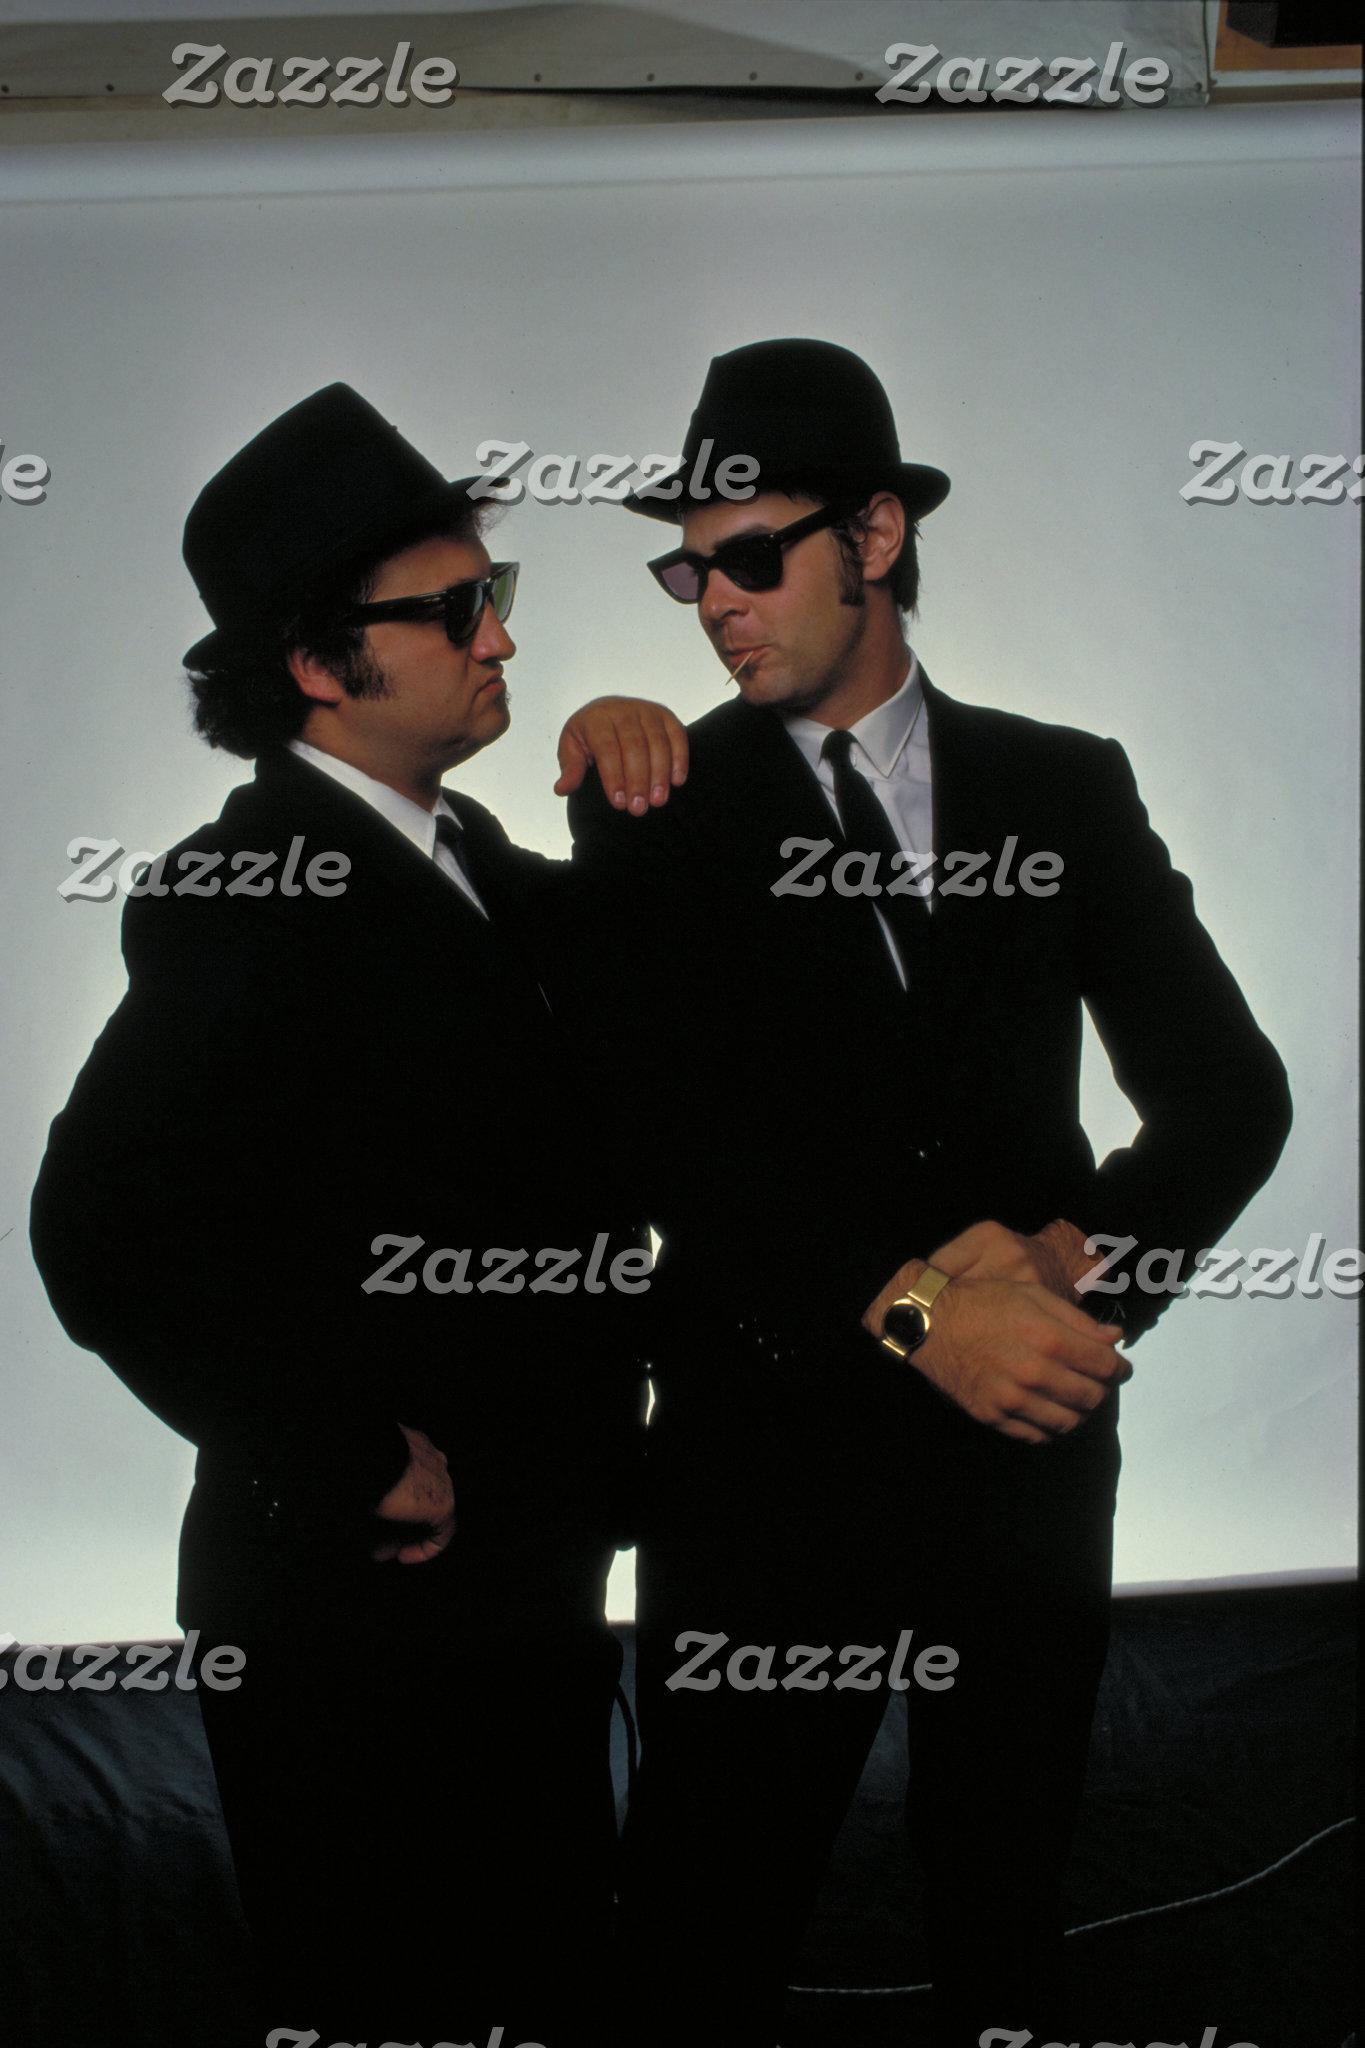 Jake and Elwood Photo 2